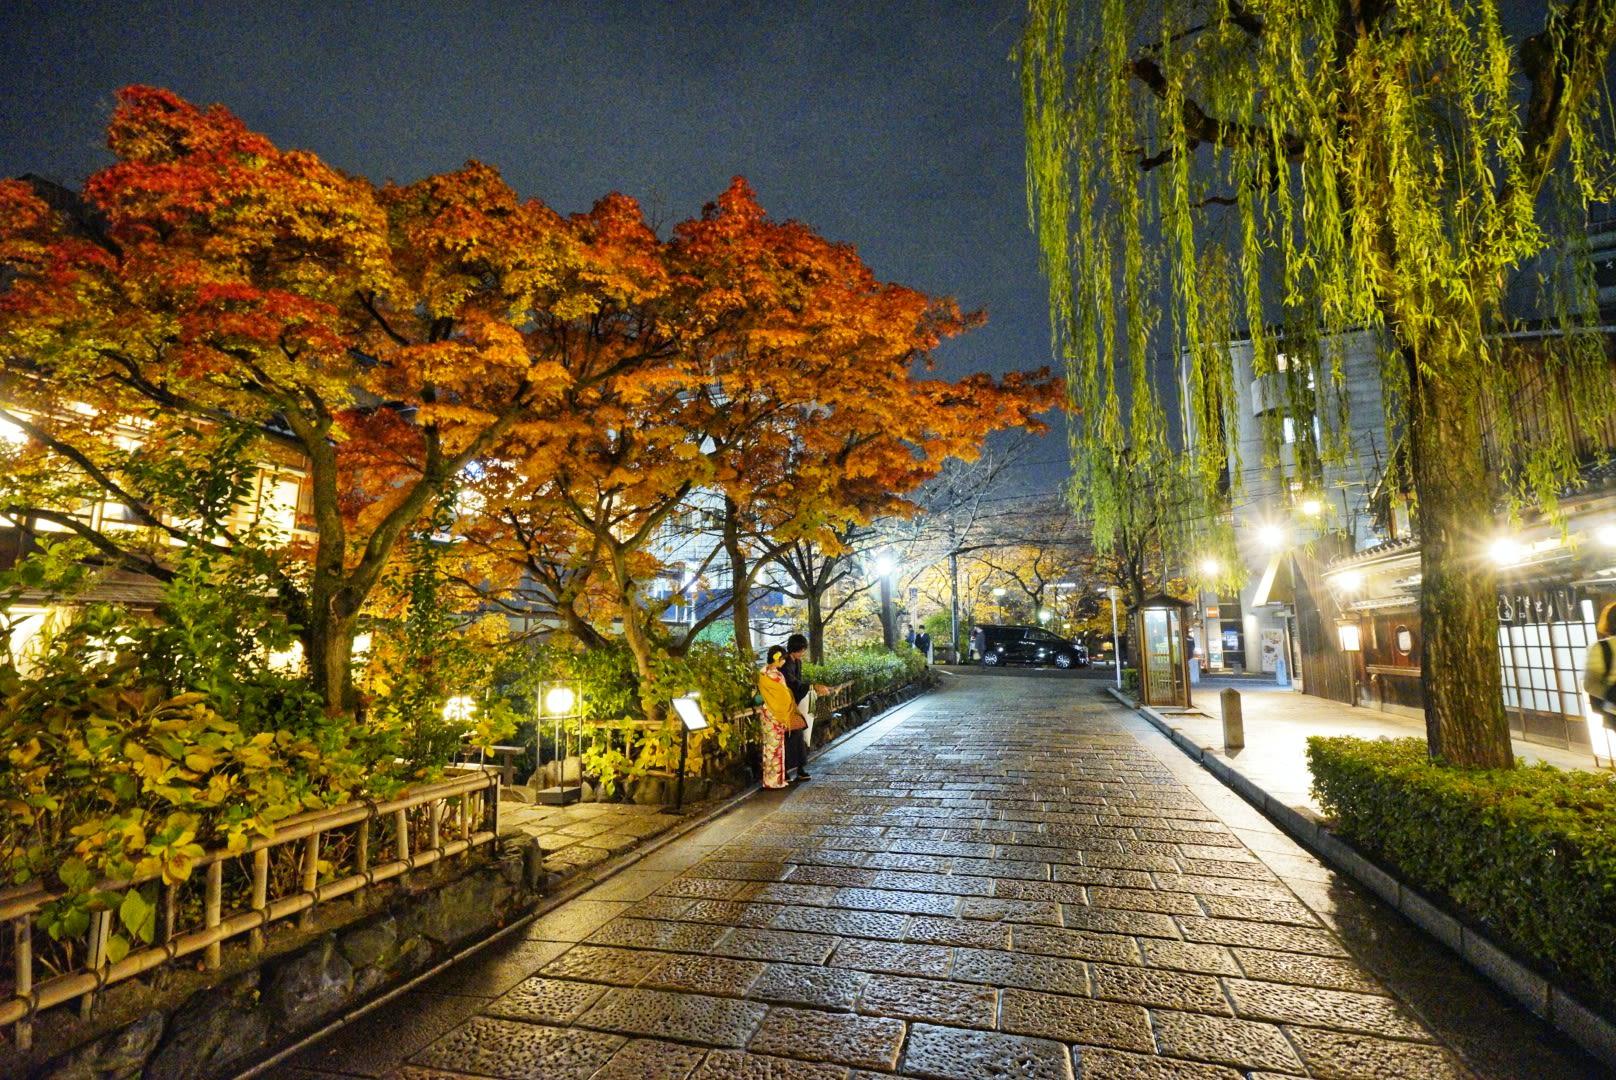 đến Gion vào đêm muộn trong lịch trình ngắm mùa thu ở kyoto